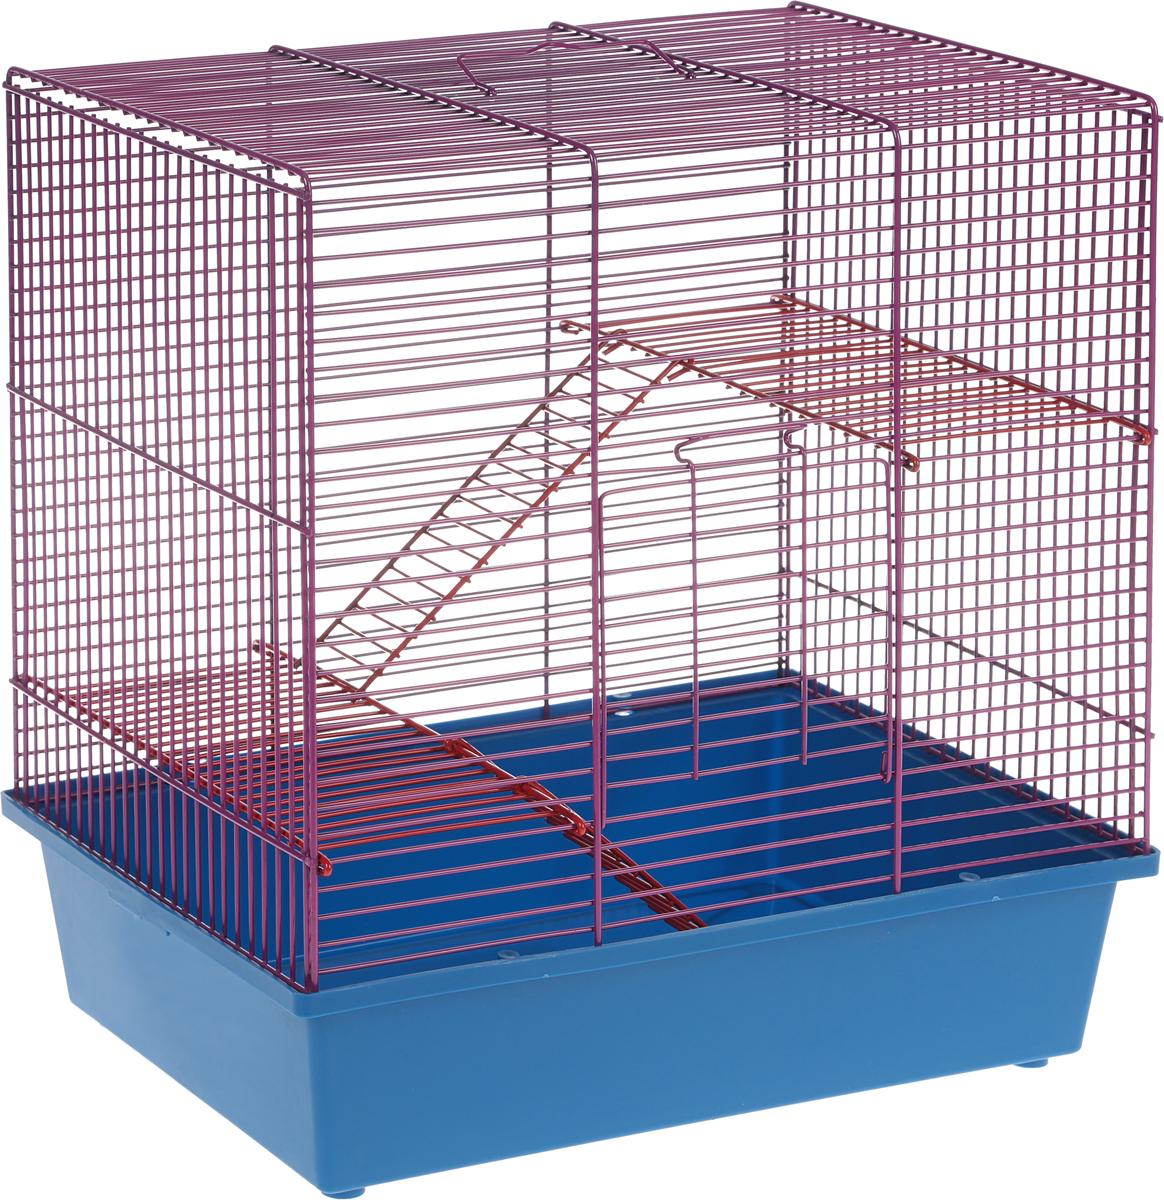 Клетка для грызунов Велес Lusy Hamster-3, 3-этажная, цвет: синий, фиолетовый, 35 х 26 х 40 см310_синийКлетка Lusy Hamster-2, выполненная из полипропилена и металла, подходит для мелких грызунов. Изделие двухэтажное, оборудовано лестницей. Клетка имеет яркий поддон, удобна в использовании и легко чистится. Сверху имеется ручка для переноски. Такая клетка станет уединенным личным пространством и уютным домиком для маленького грызуна.